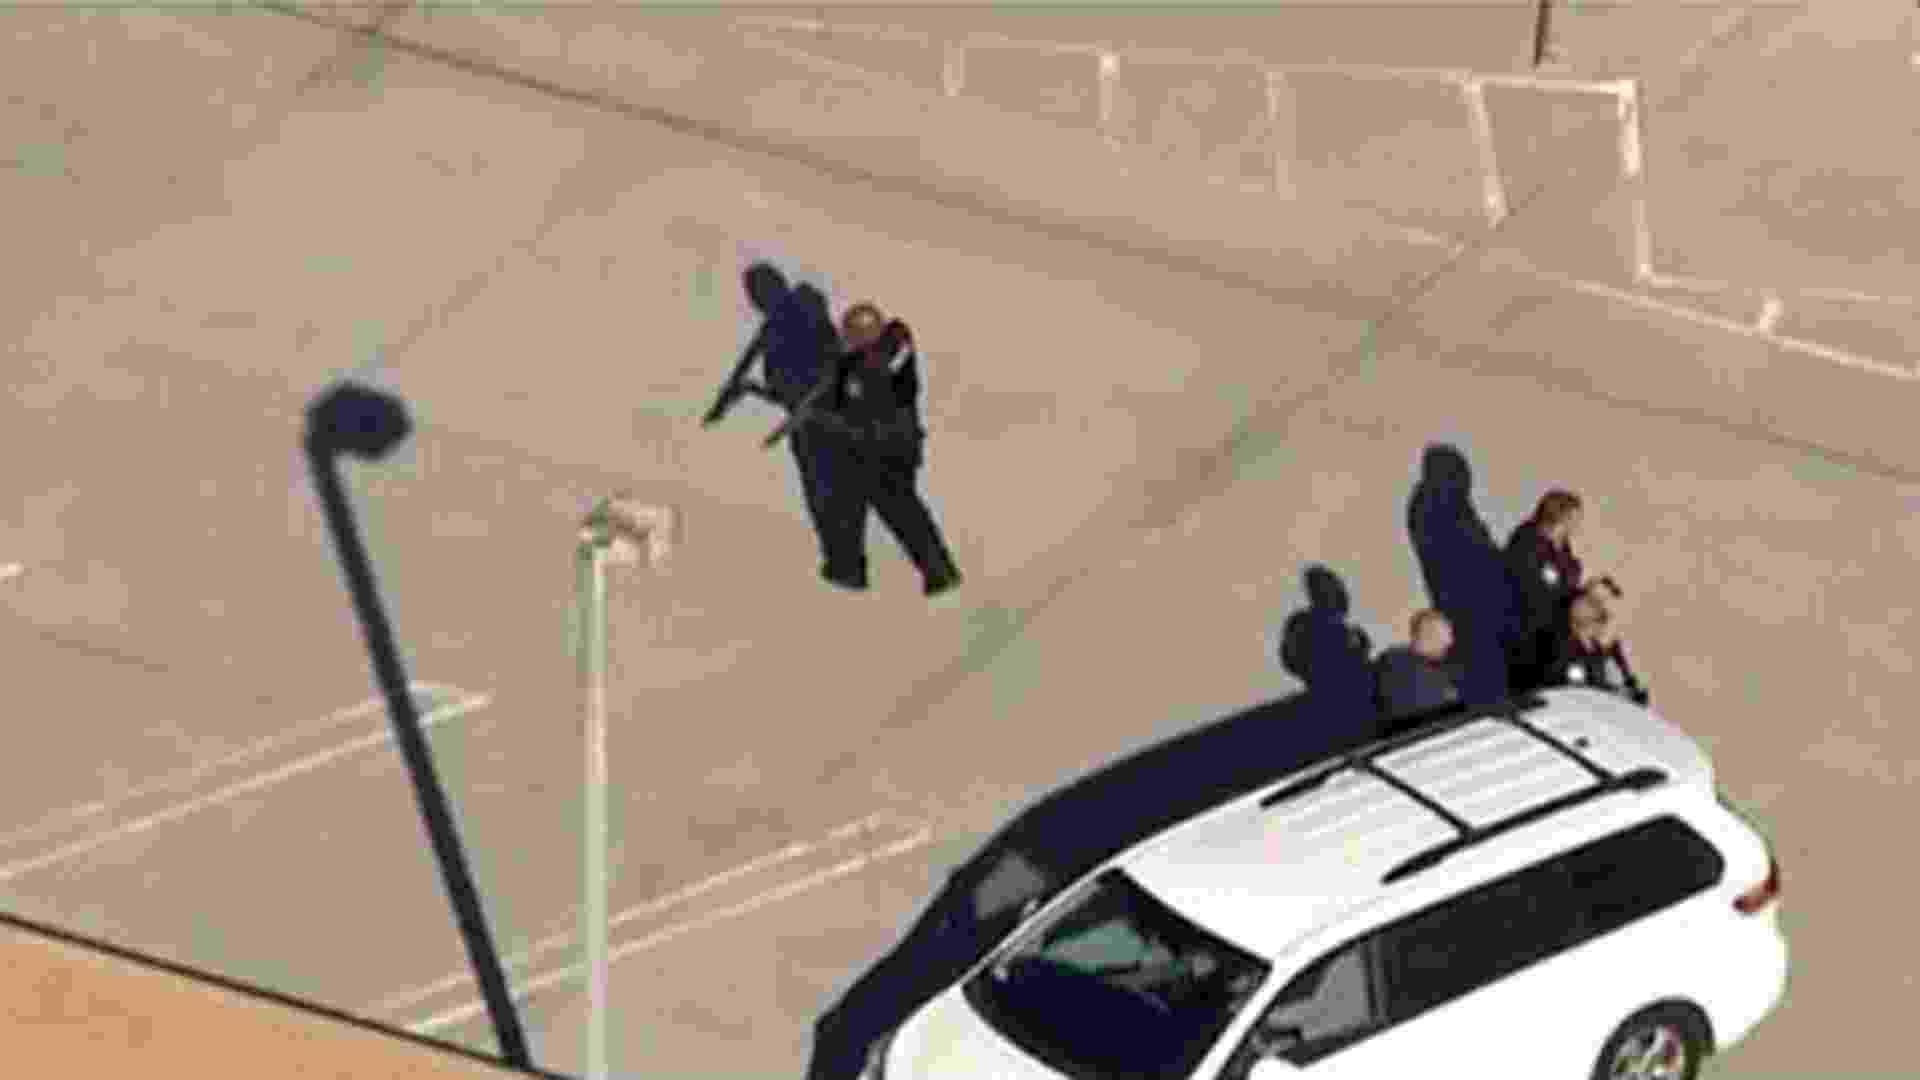 1º.nov.2013 - Agentes armados são vistos no aeroporto Internacional de Los Angeles, nesta sexta-feira (1), após tiroteio no Terminal 3. Um homem teria disparado com um fuzil e pelo menos três pessoas teriam ficado feridas, entre eles um agente federal. O terminal foi evacuado - Los Angeles Police Department/AFP